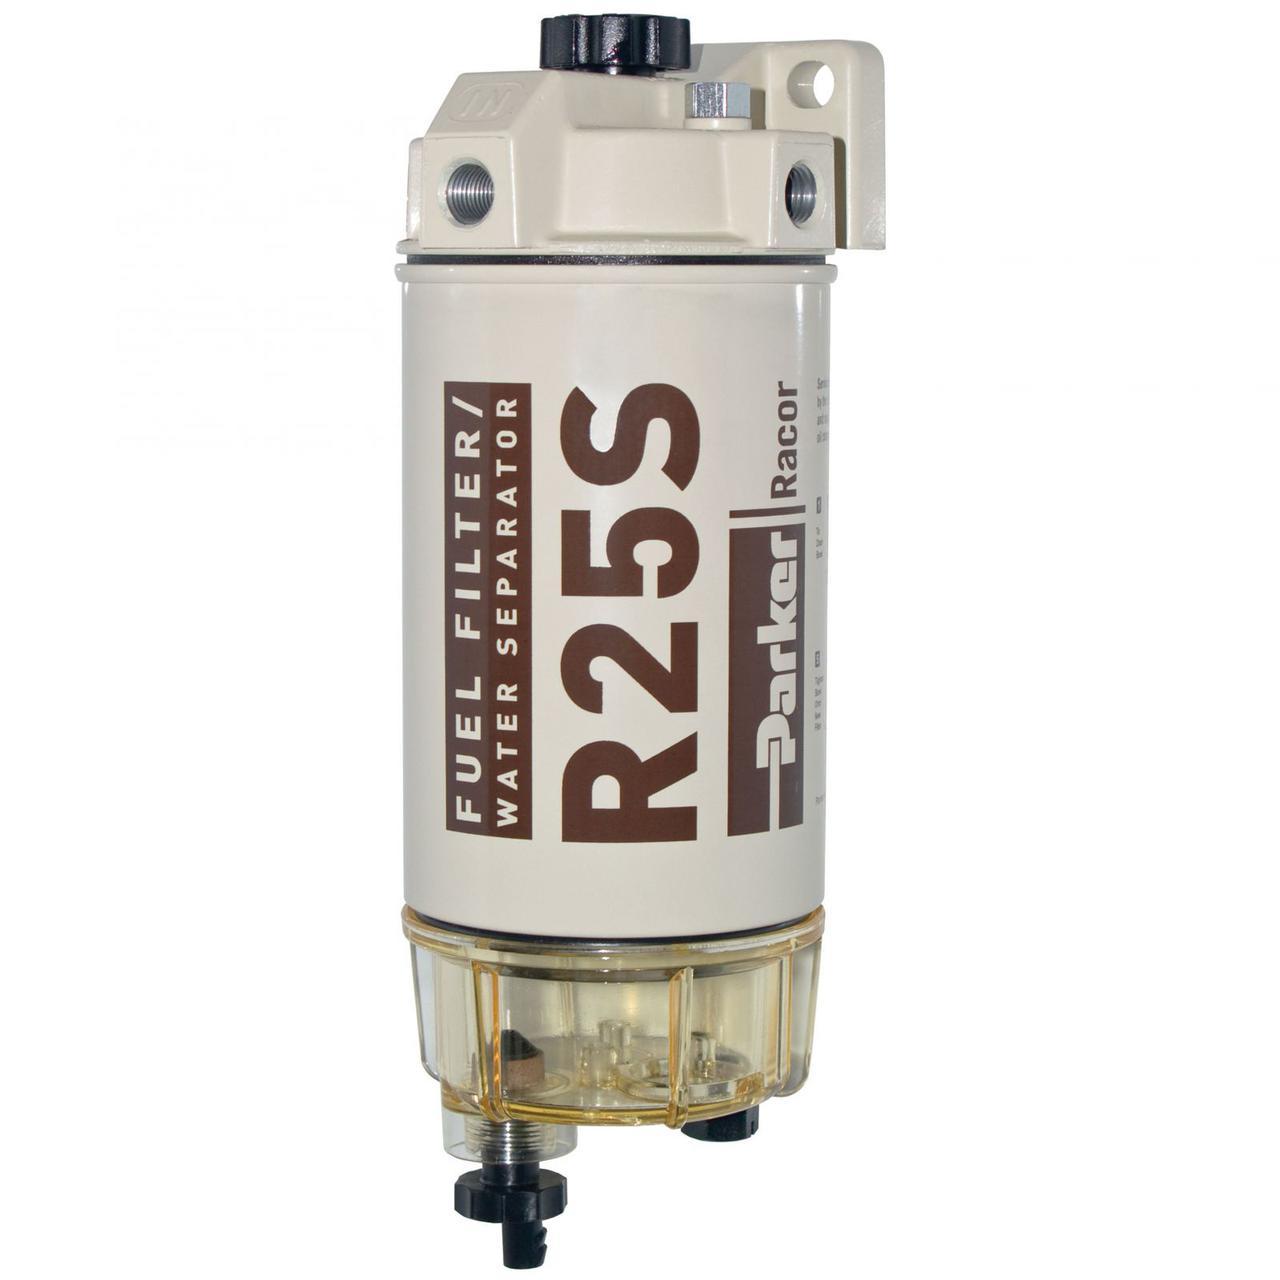 Фильтр сепаратор с подогревом и подкачкой Racor 245R122MTC 2 мкм.